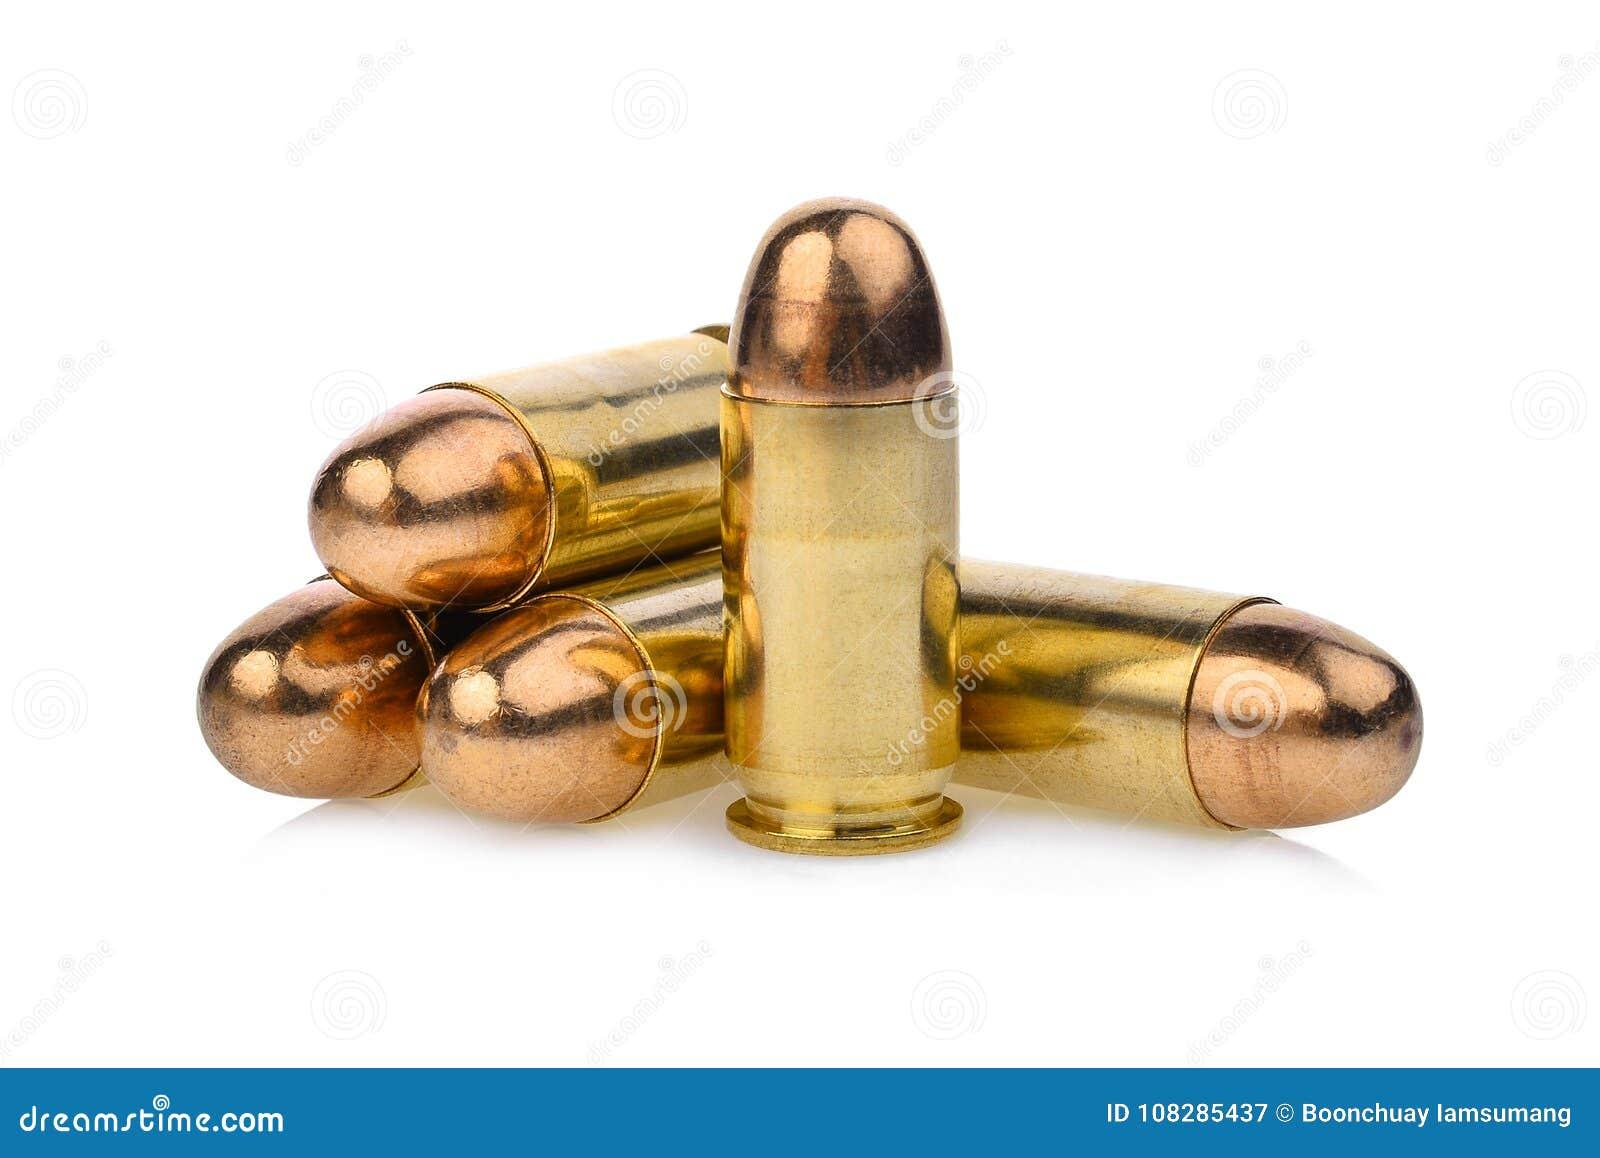 Kassetten von 45 ACP-Pistolen Munition, Vollmantelgeschoss